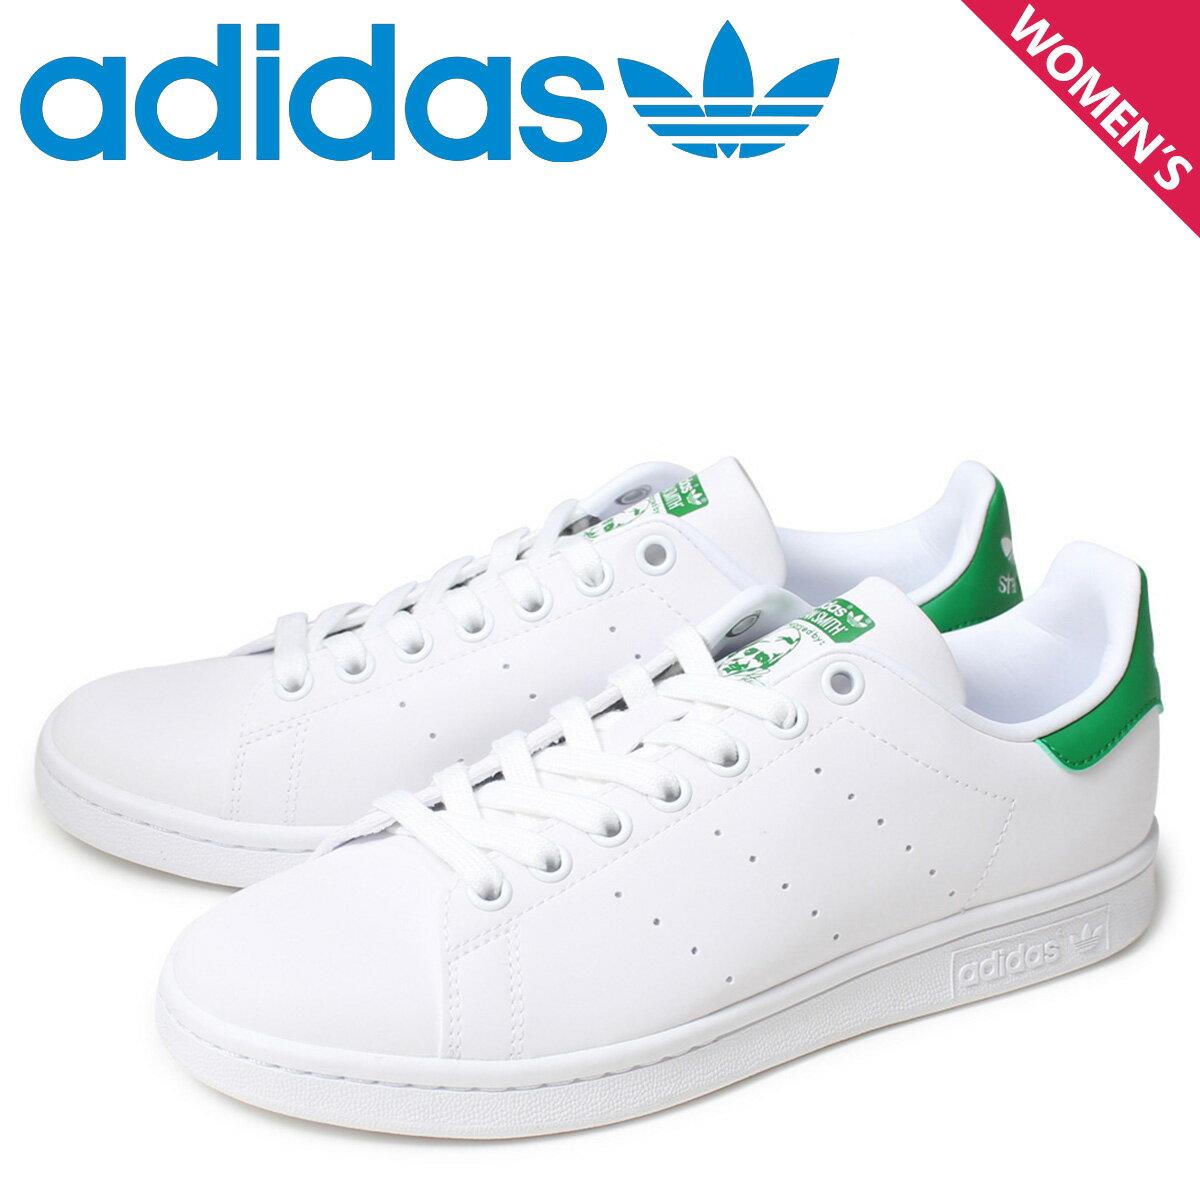 【半期決算セール】 アディダス オリジナルス adidas Originals スタンスミス スニーカー レディース STAN SMITH W BB5153 ホワイト